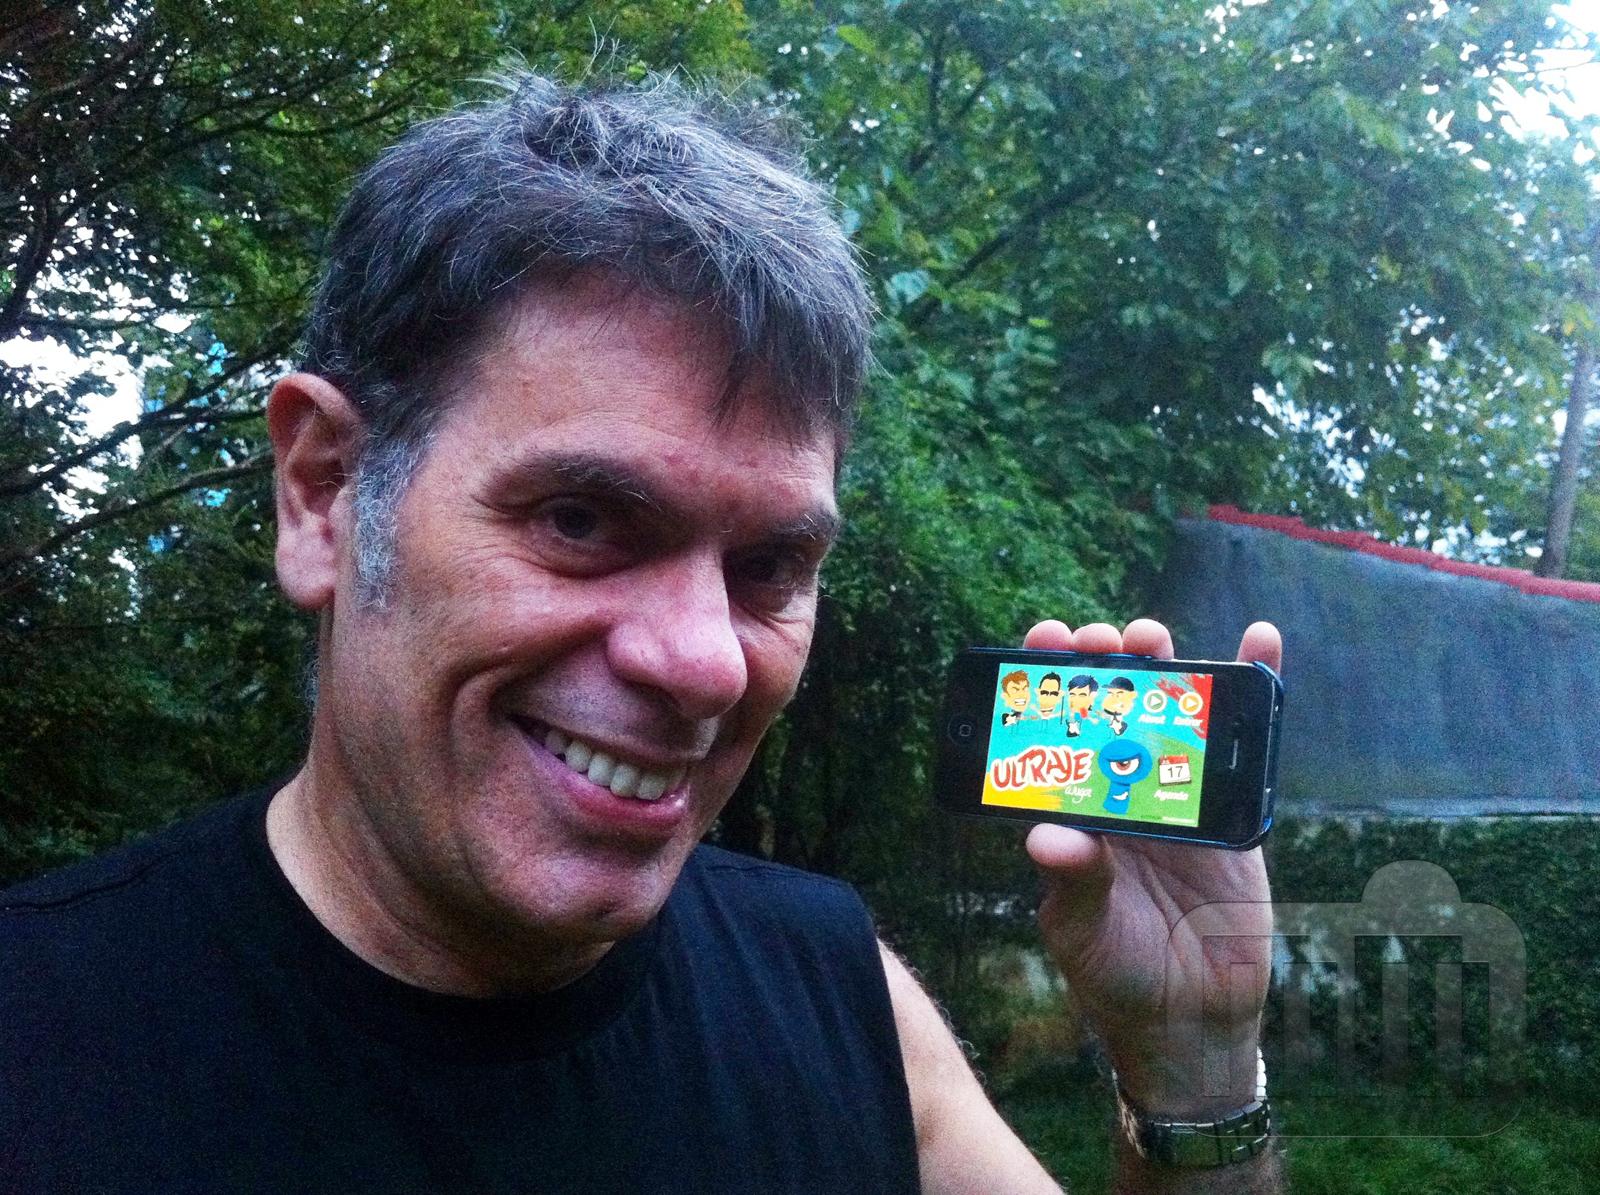 Roger com o app do Ultraje no iPhone